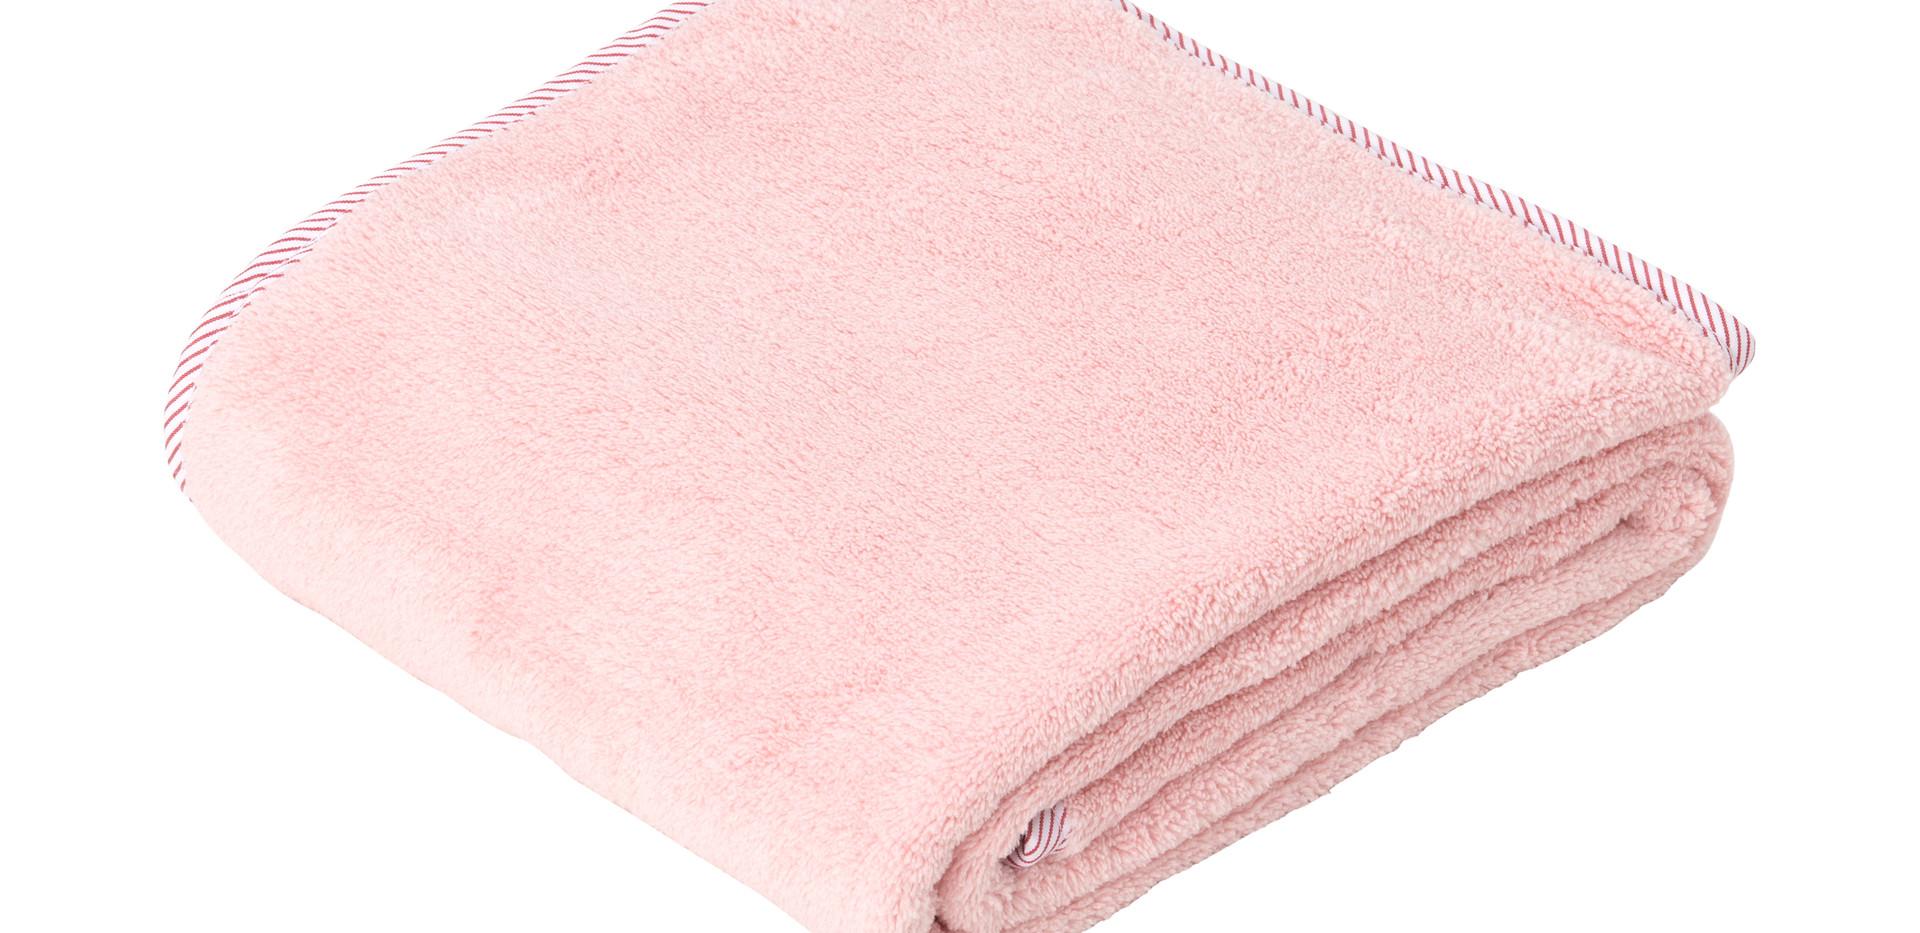 carari anti-bacterial pink